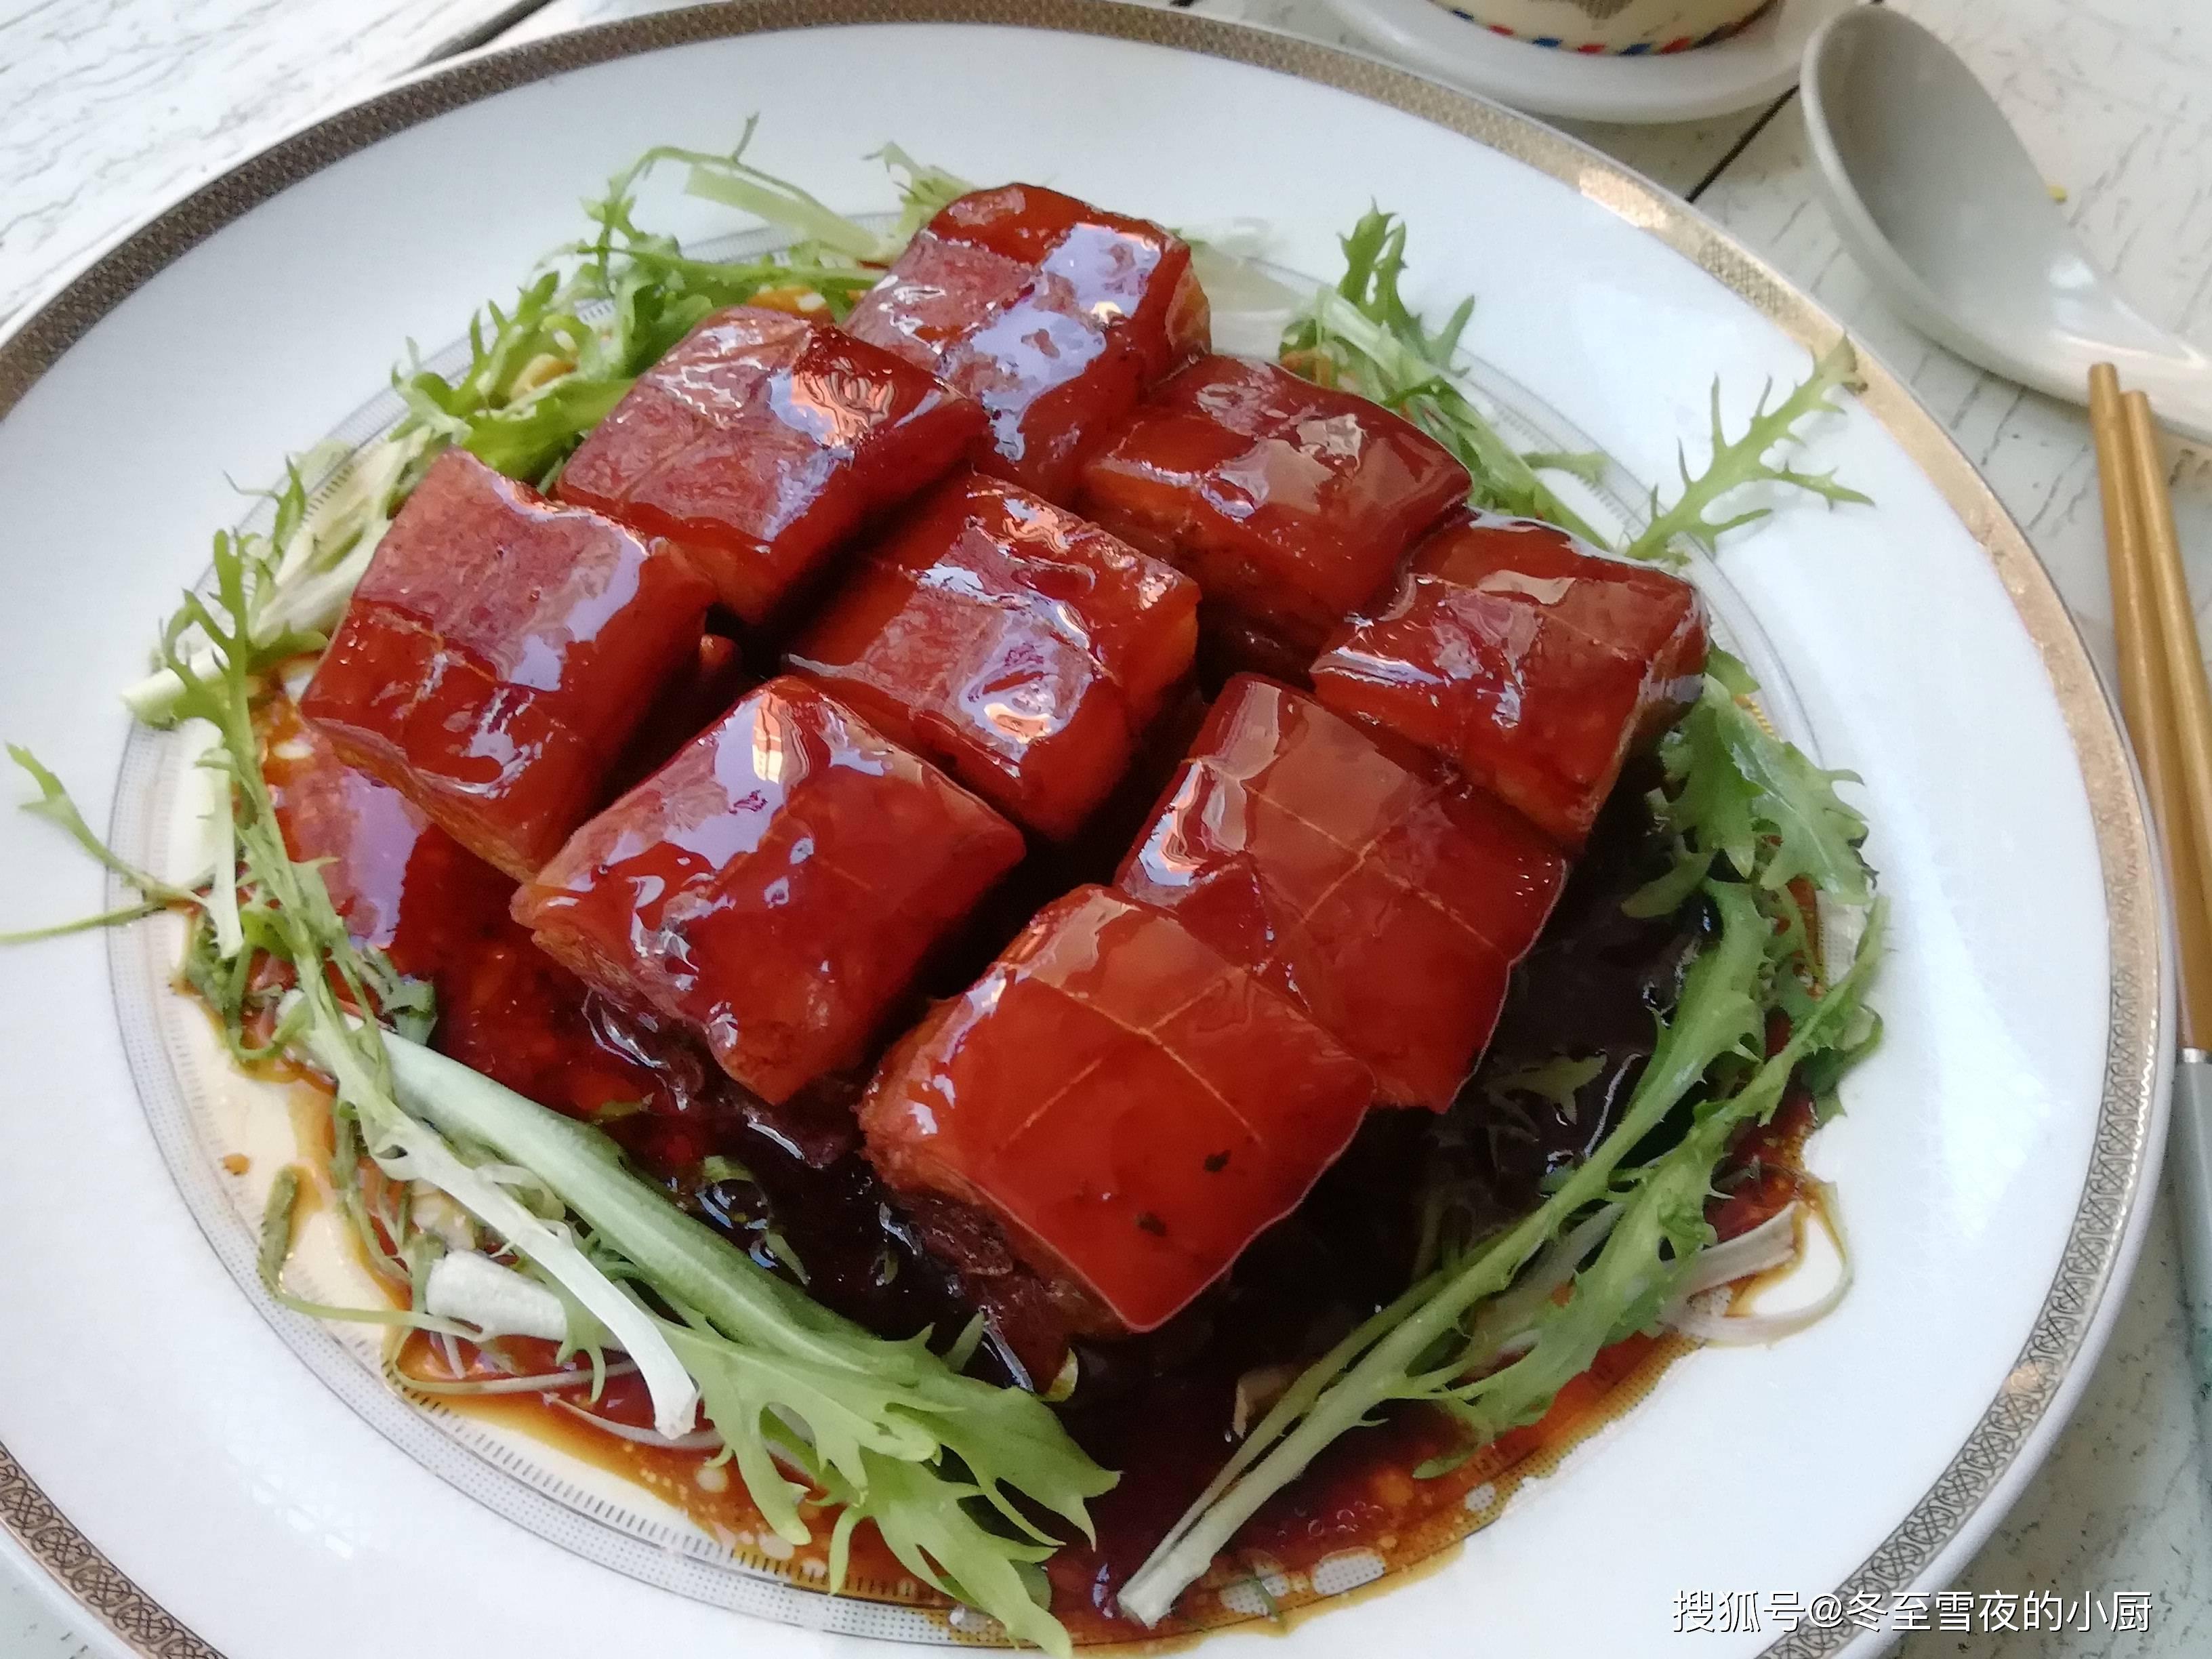 """原猪的""""顶五花""""和""""底五花""""有什么区别?选择合适的肉类烹饪,并以不同的方式使用"""